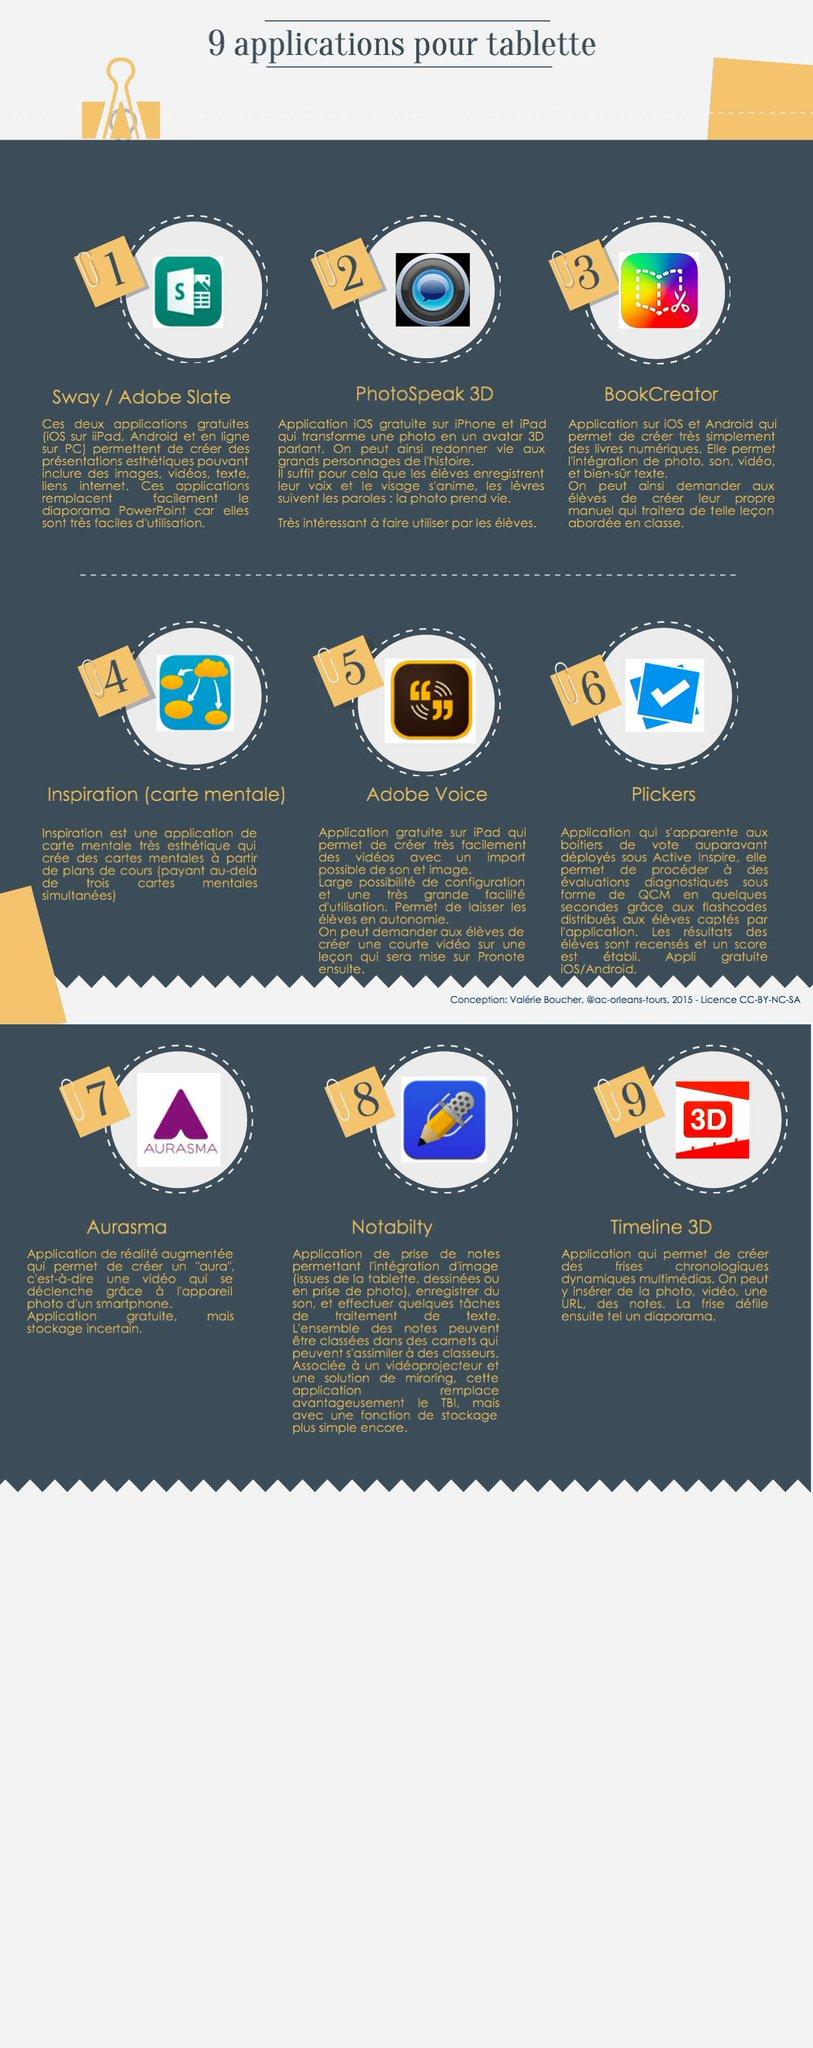 9 apps que j'utilise très souvent dans ma classe. https://t.co/6bnGh6xBsB